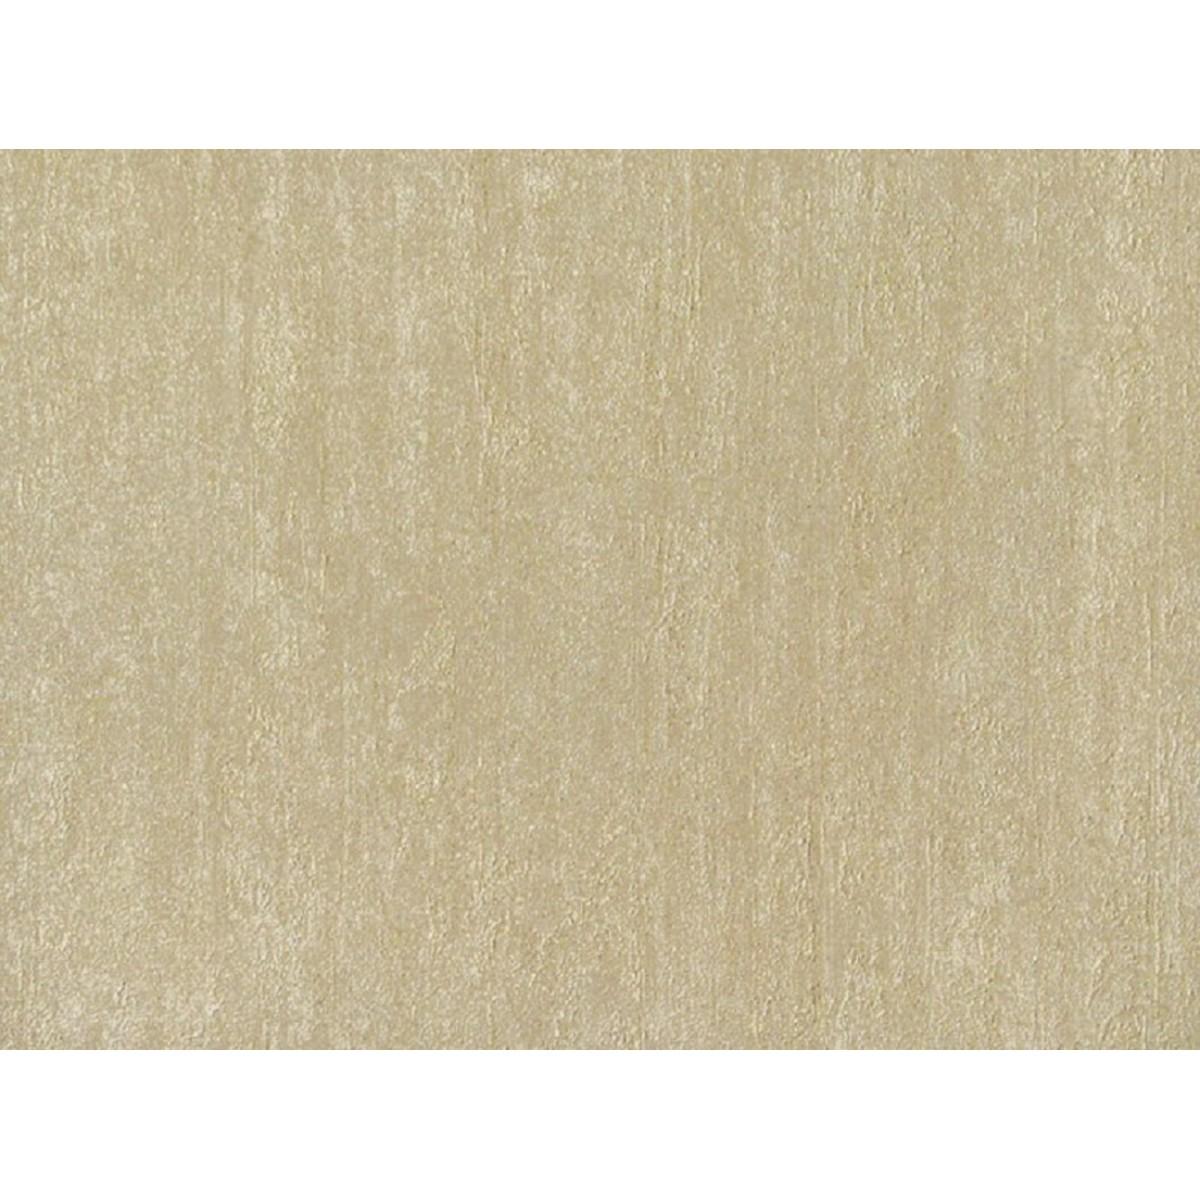 Обои флизелиновые De Visu Anysa 72703 Х 6 1.06 м цвет золотой